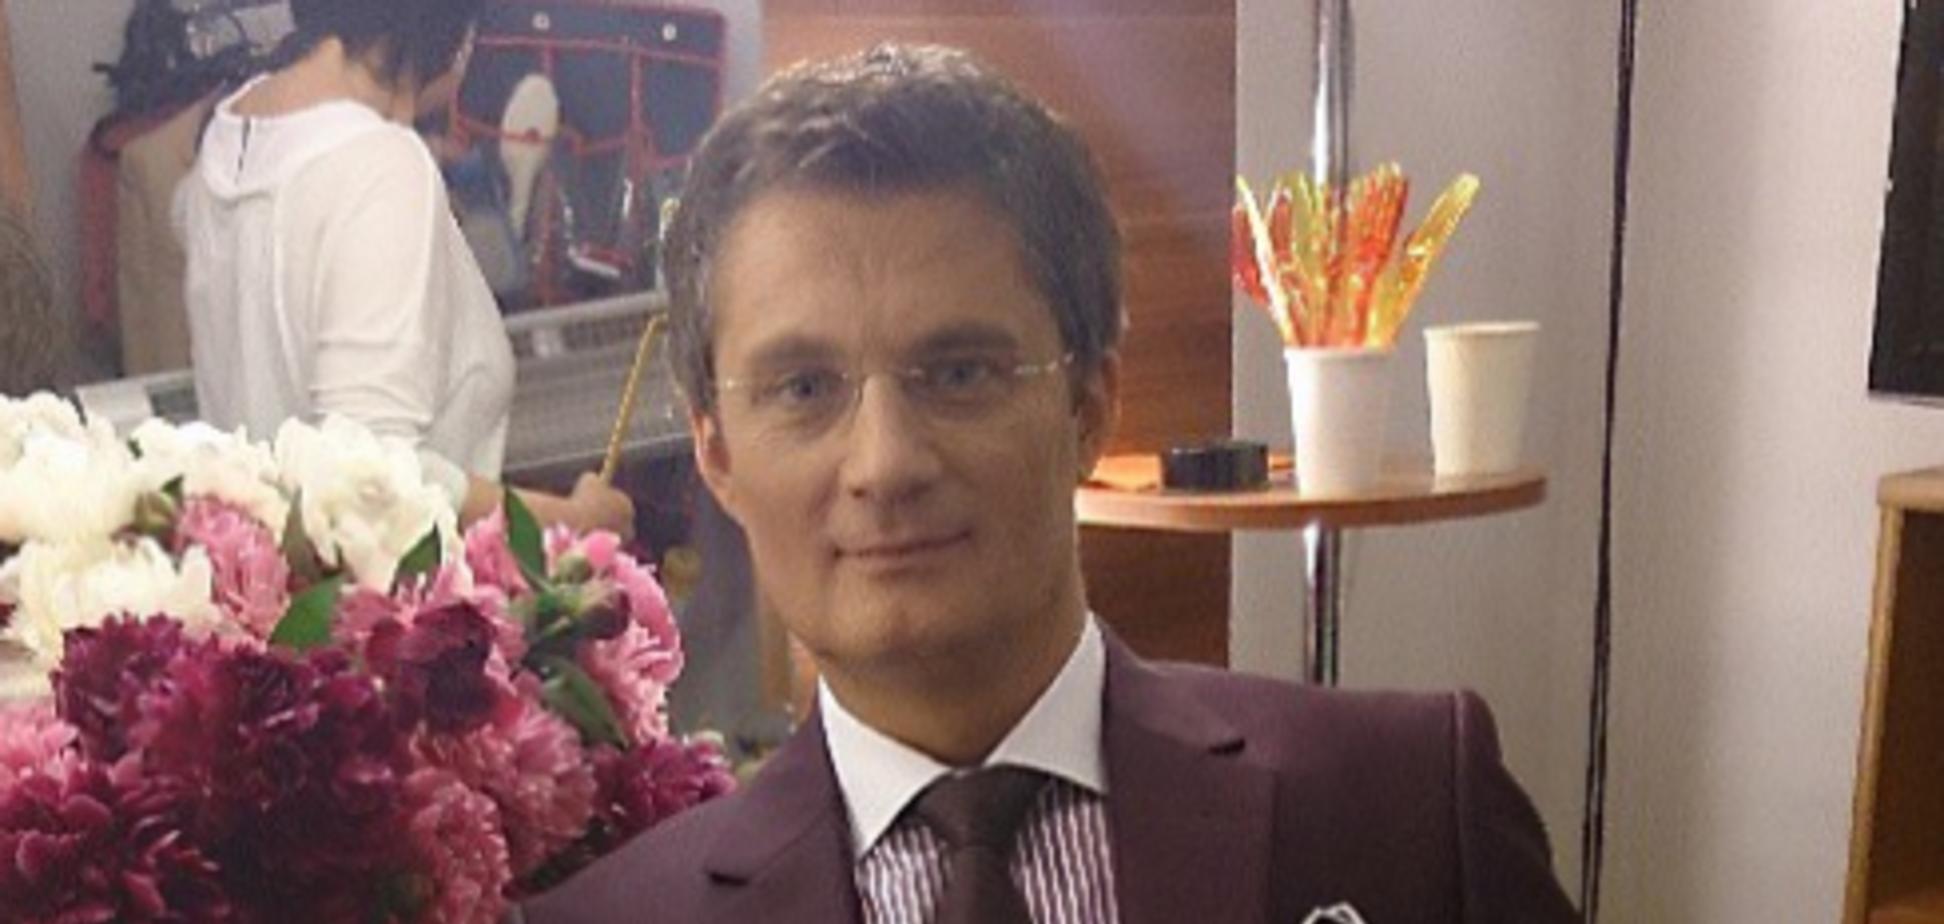 Скичко может стать президентом Украины, у него есть мозги, – Кондратюк